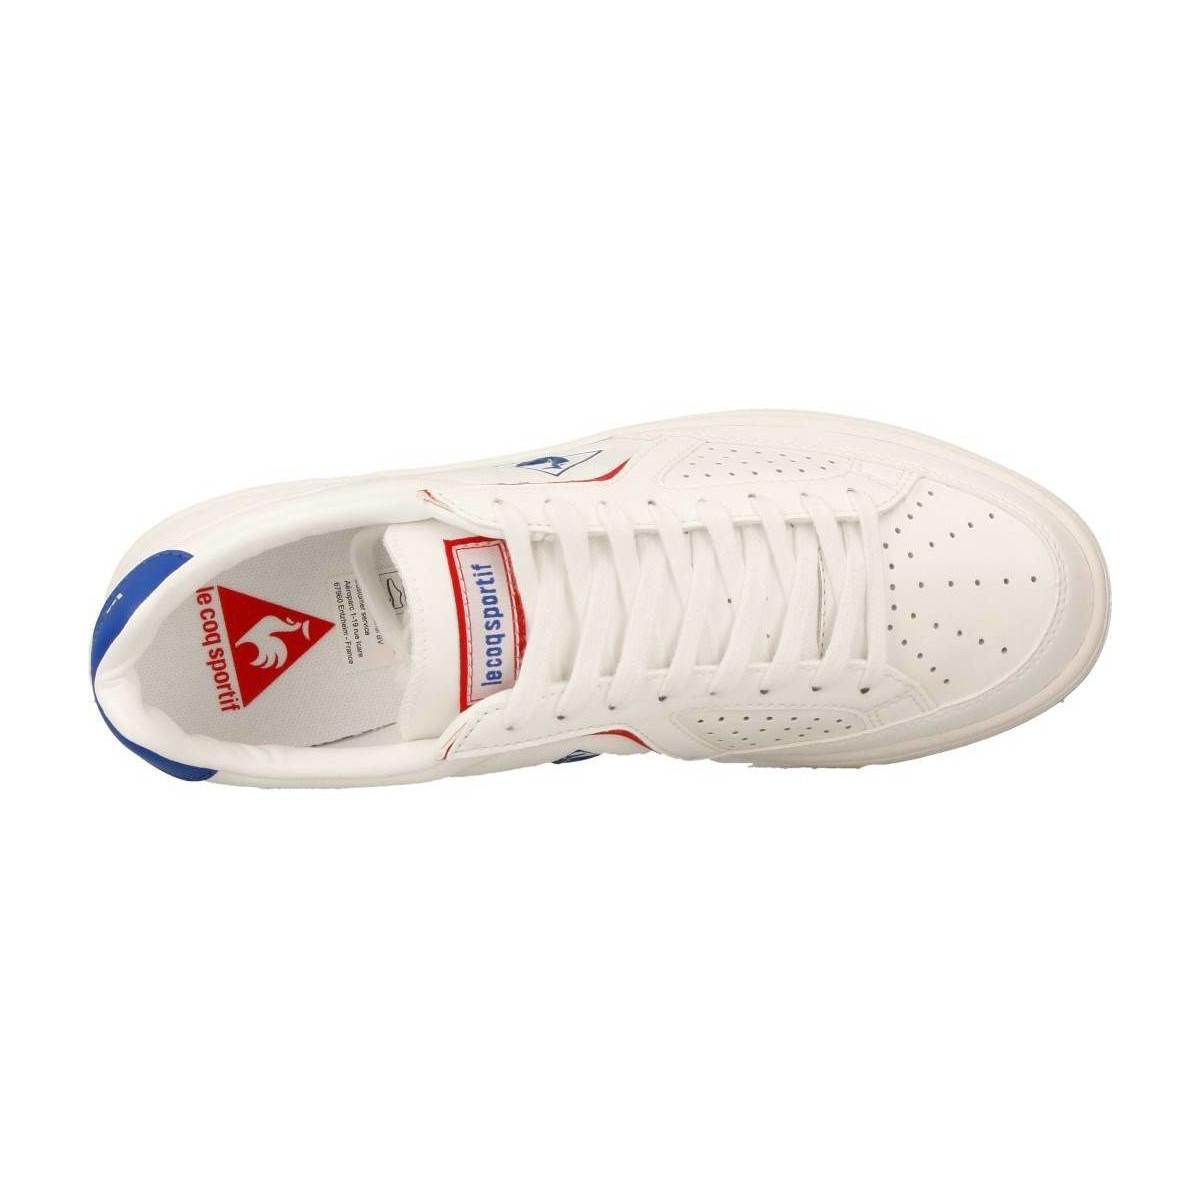 134b92e464c6 Le Coq Sportif Icons Lea Sport Gum Men s Shoes (trainers) In White ...